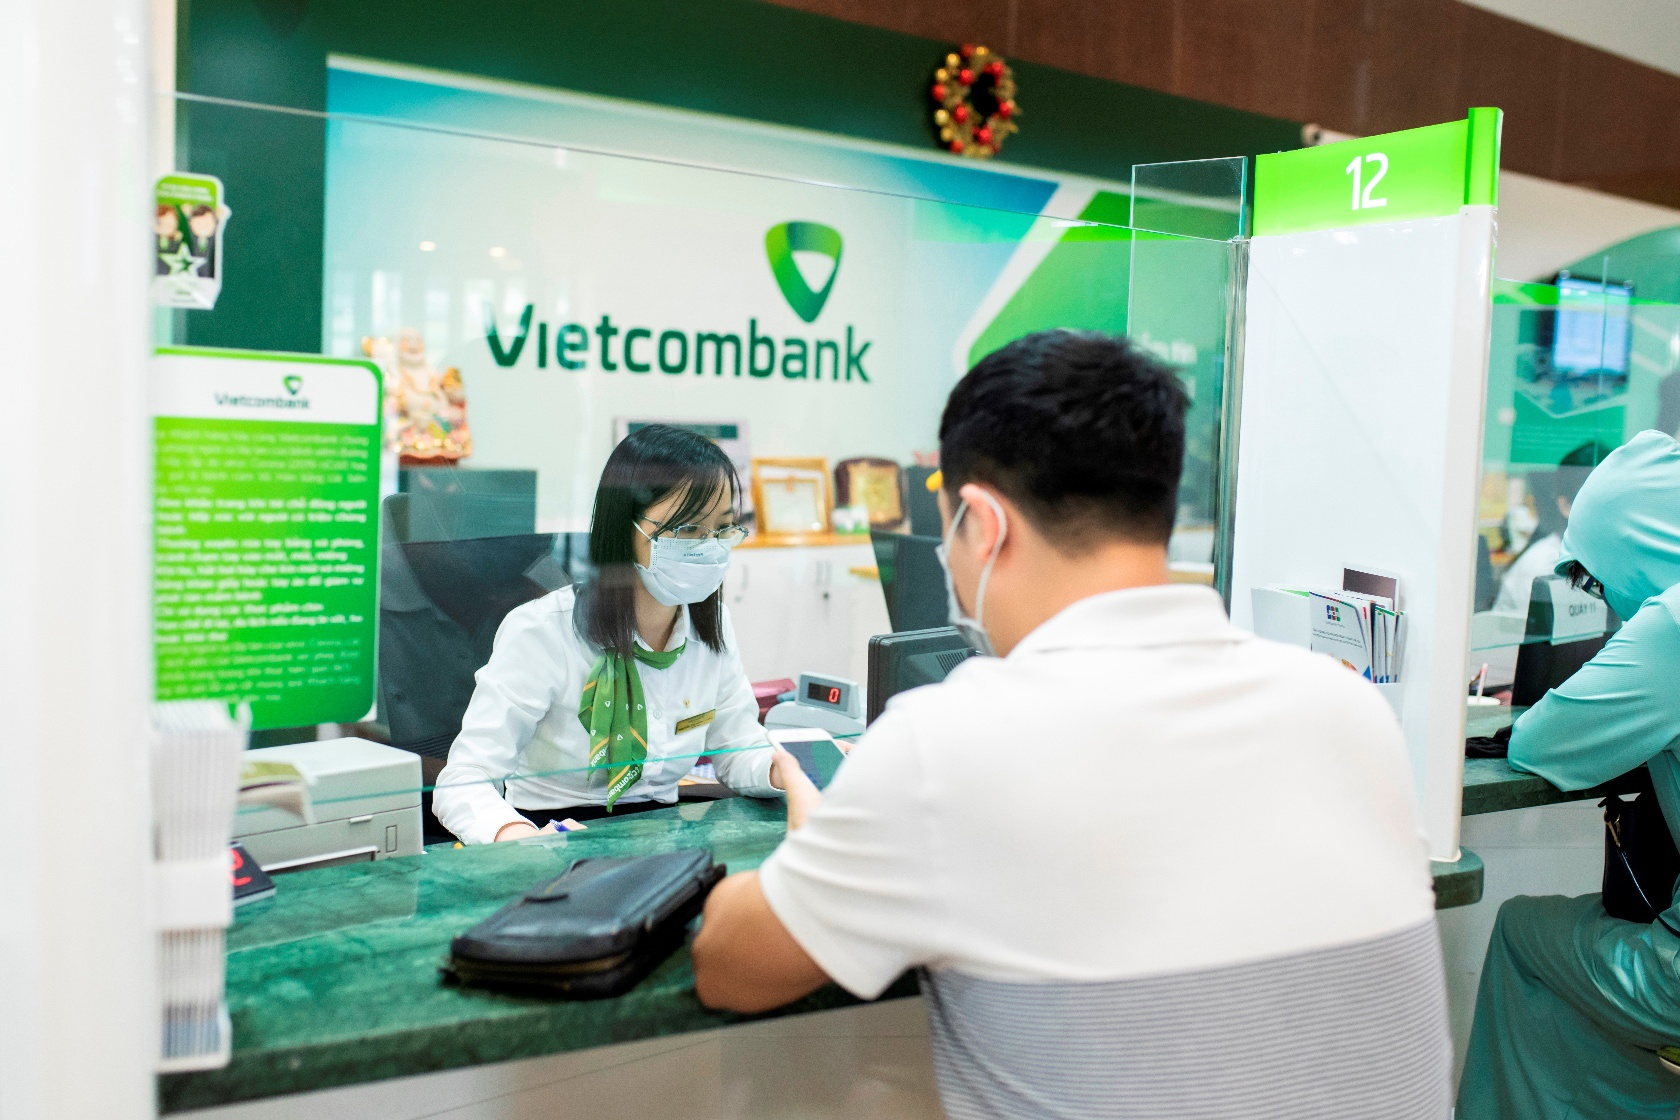 Cổ phiếu ngân hàng tuần qua: VCB dẫn đầu tăng giá, vốn hóa Vietcombank vượt 400.000 tỷ đồng - Ảnh 1.